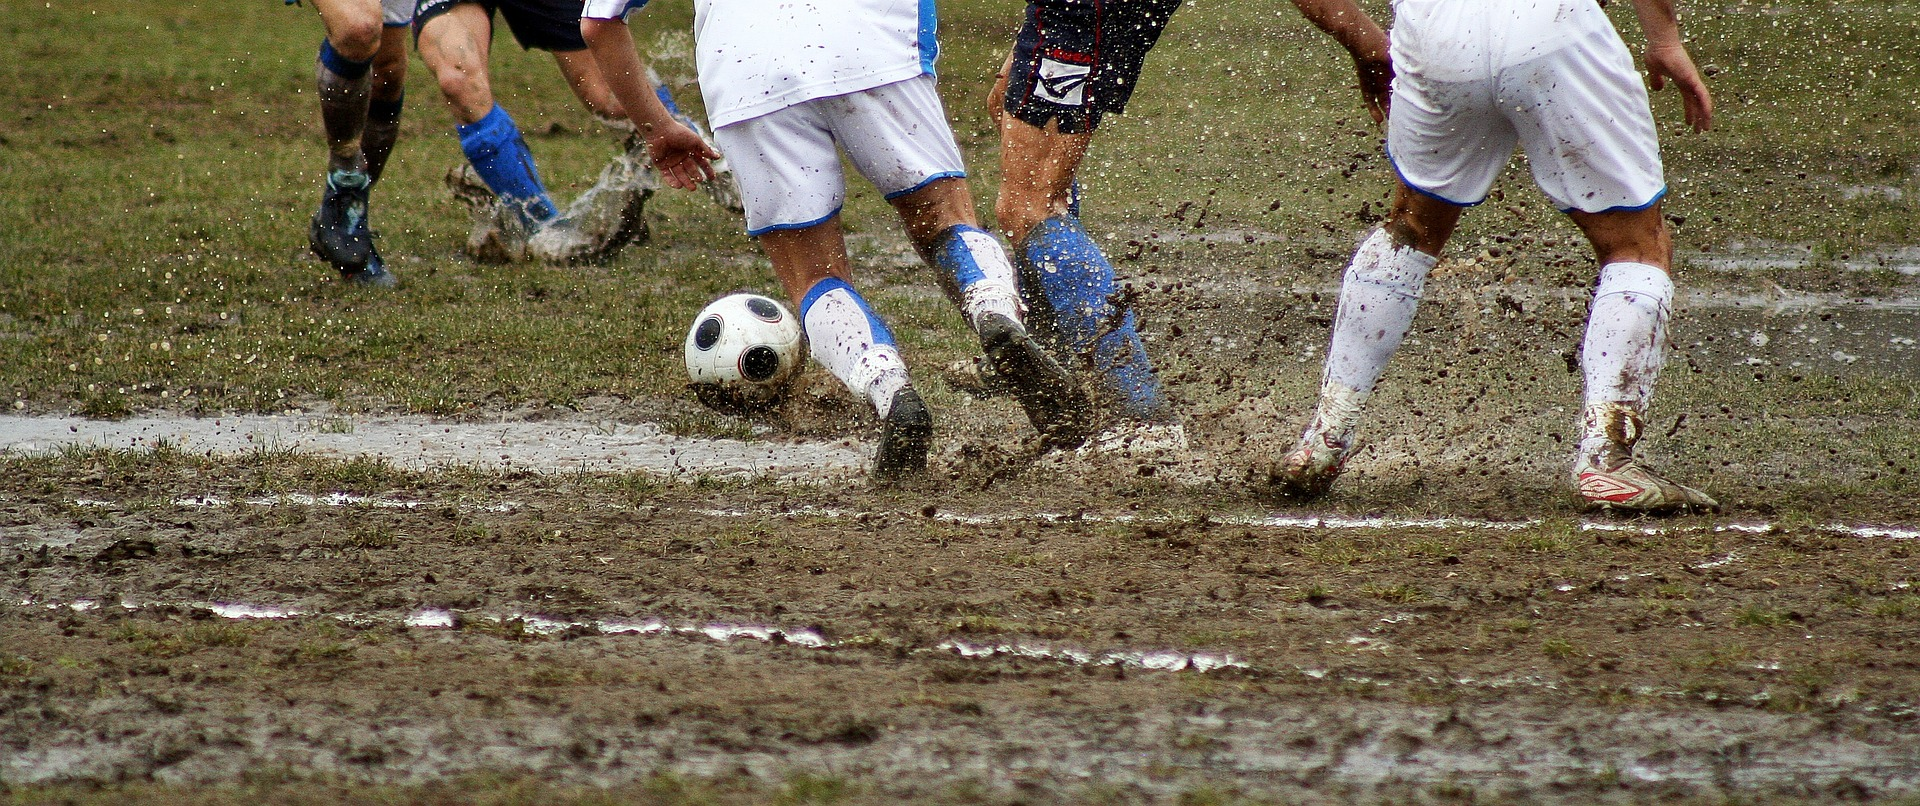 Fußballspieler im Matsch mit Adidas Europass OMB